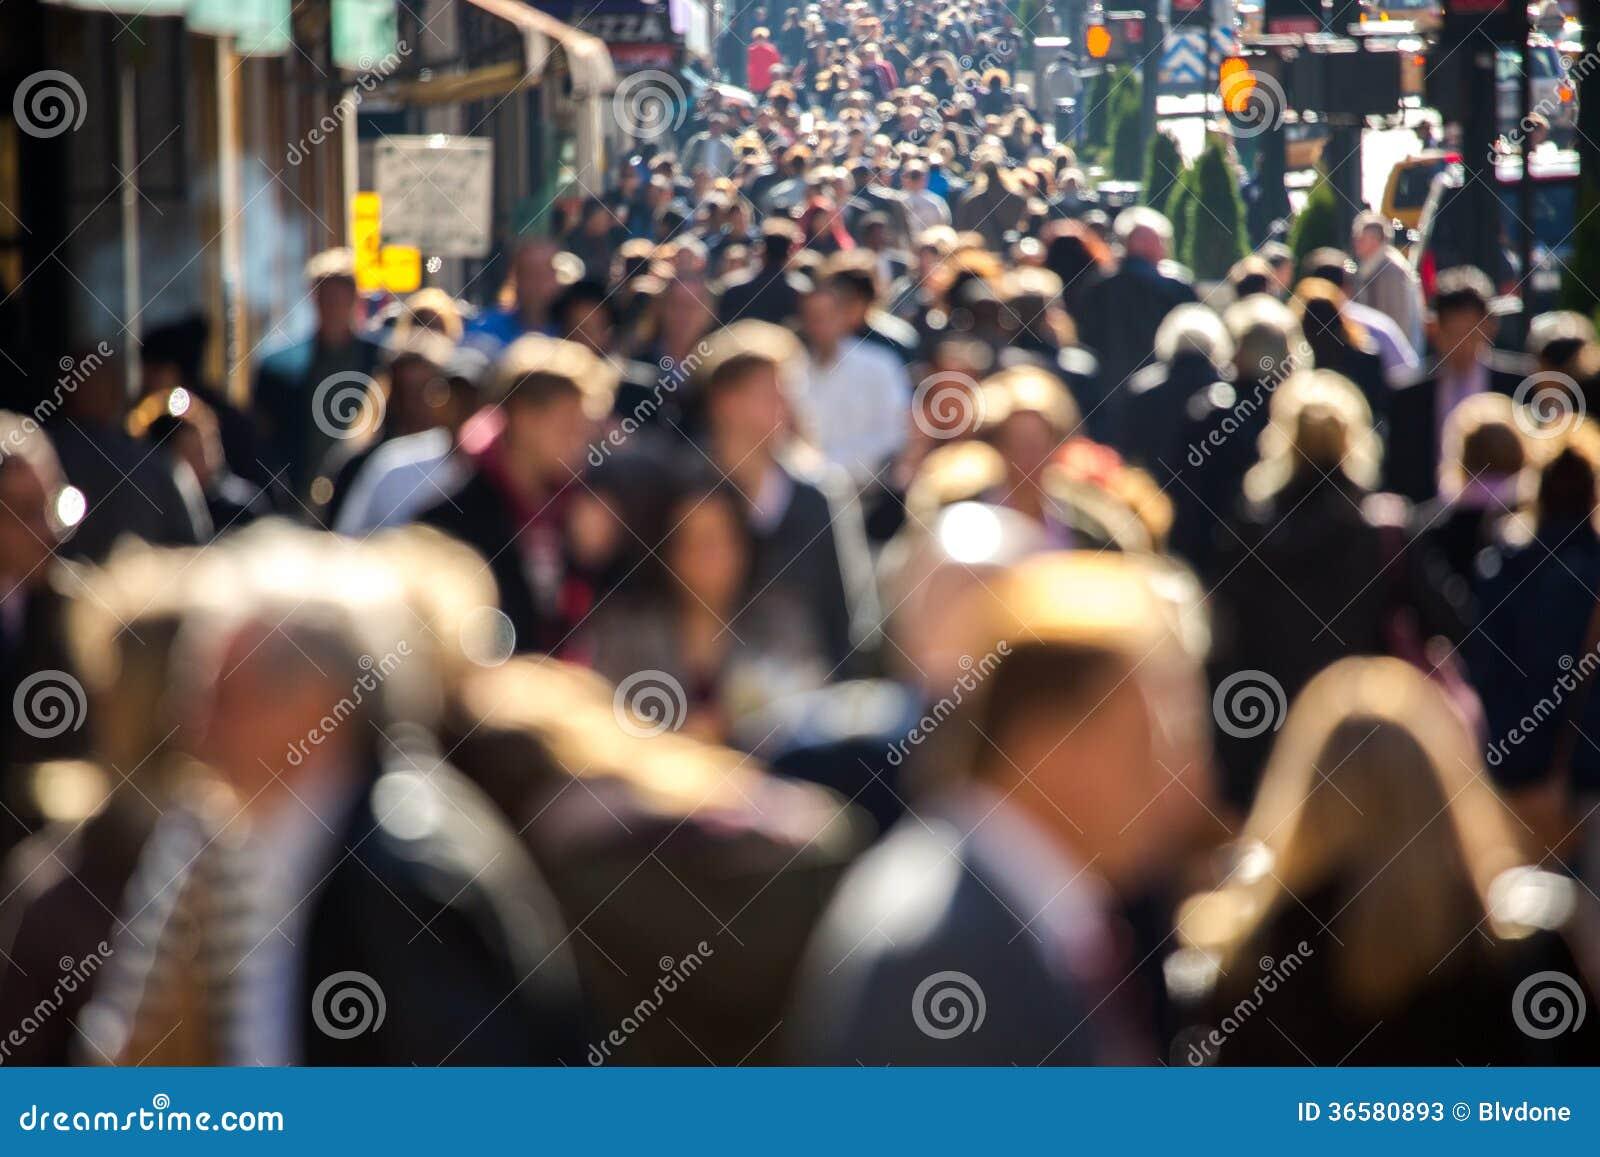 Толпой на улице 17 фотография